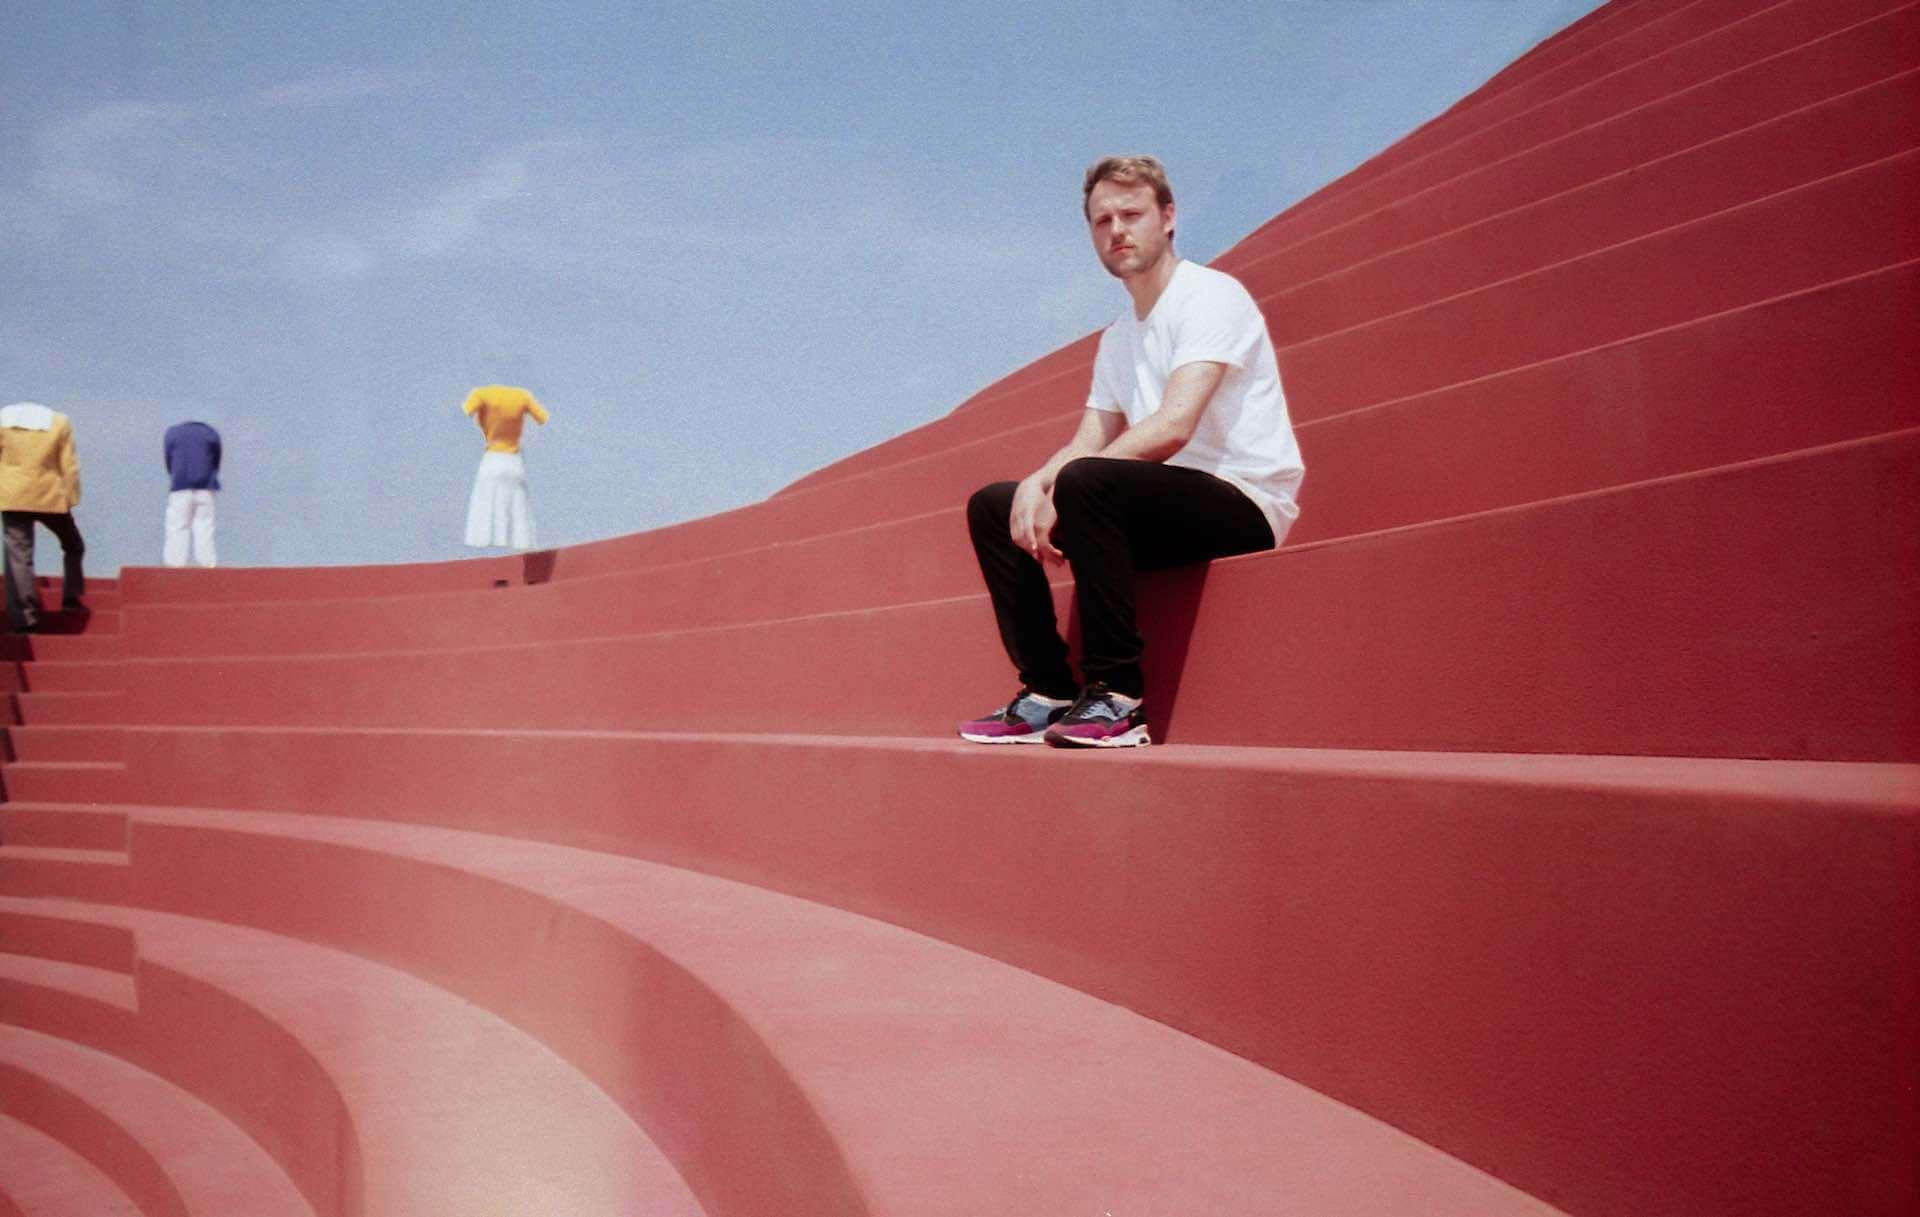 ダンスミュージック都市アムステルダムの新星Nachtbraker、来日直前インタビュー interview190121-nachtbraker1